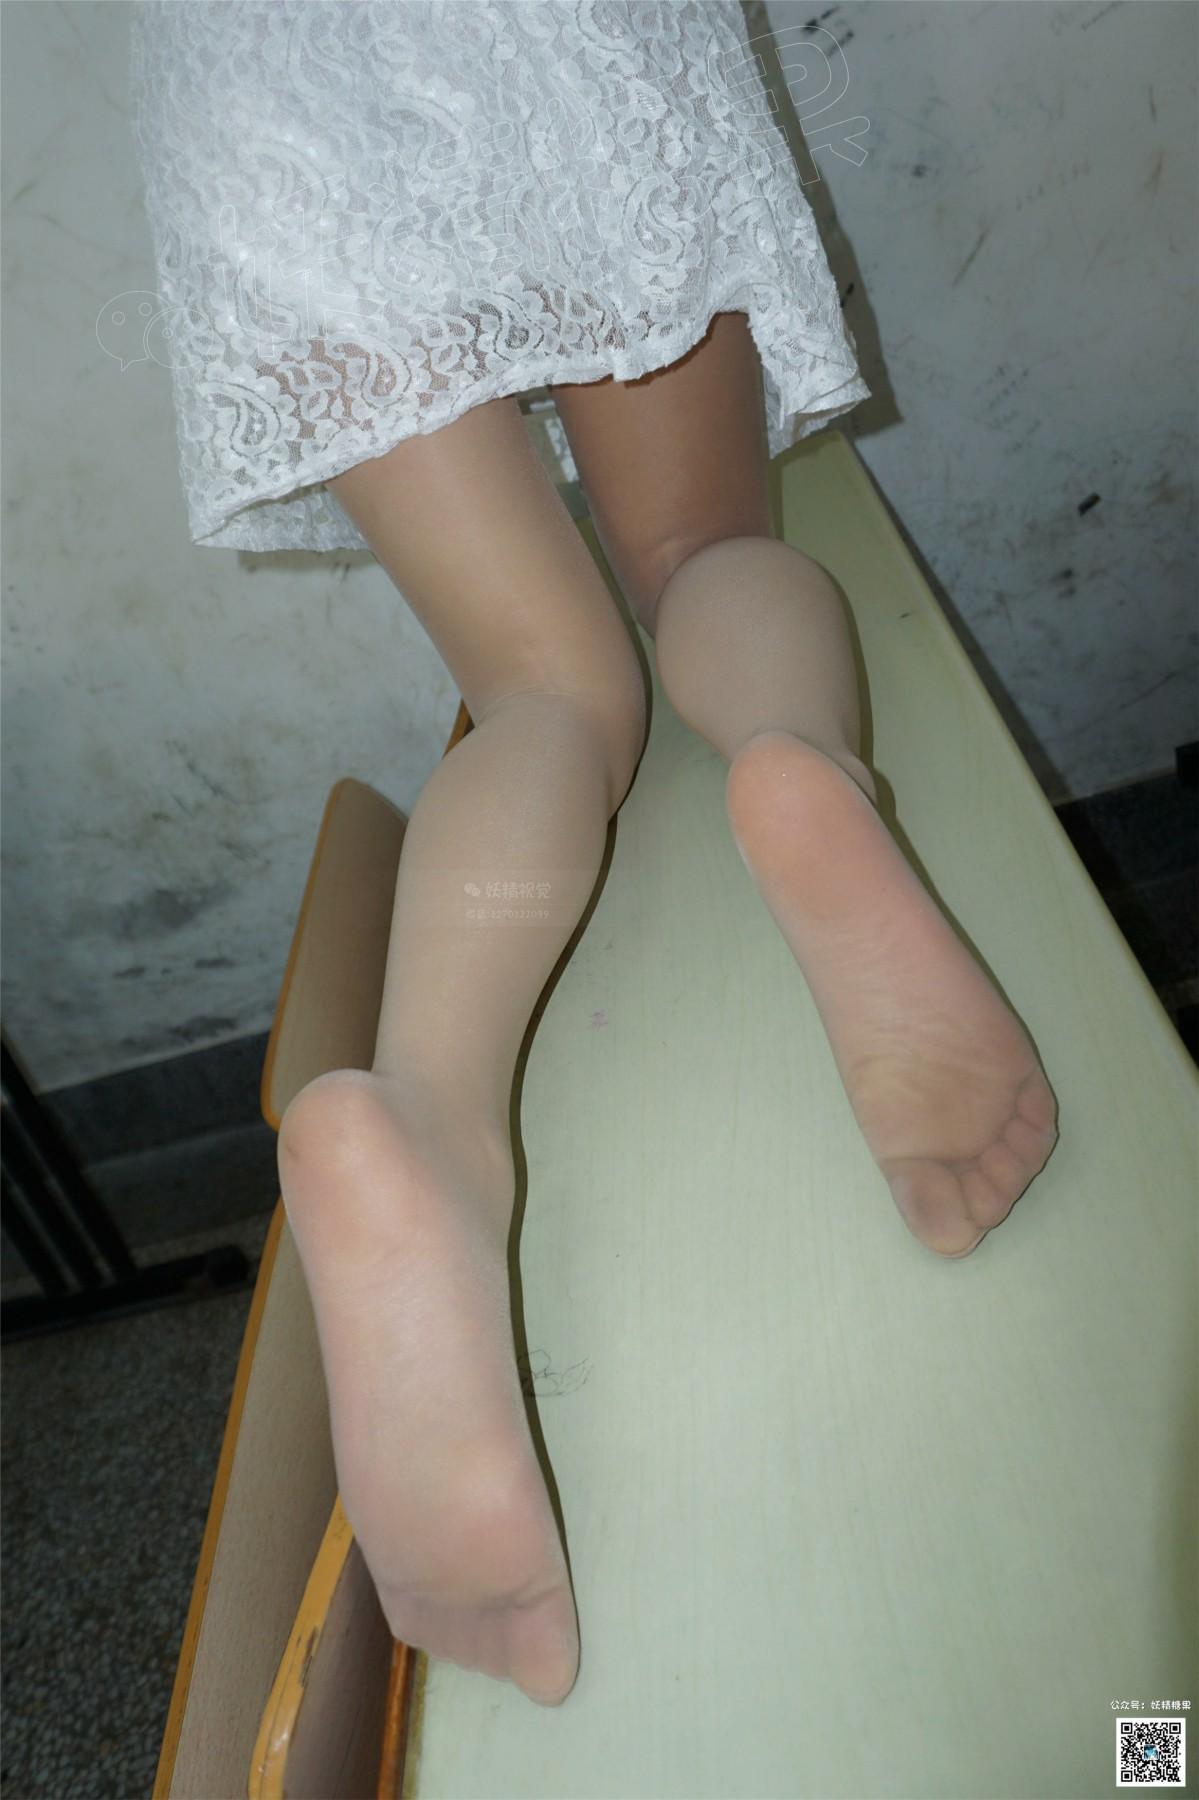 [妖精视觉]小茶 一袭白裙轻纱蔓[68P] 妖精视觉 第4张